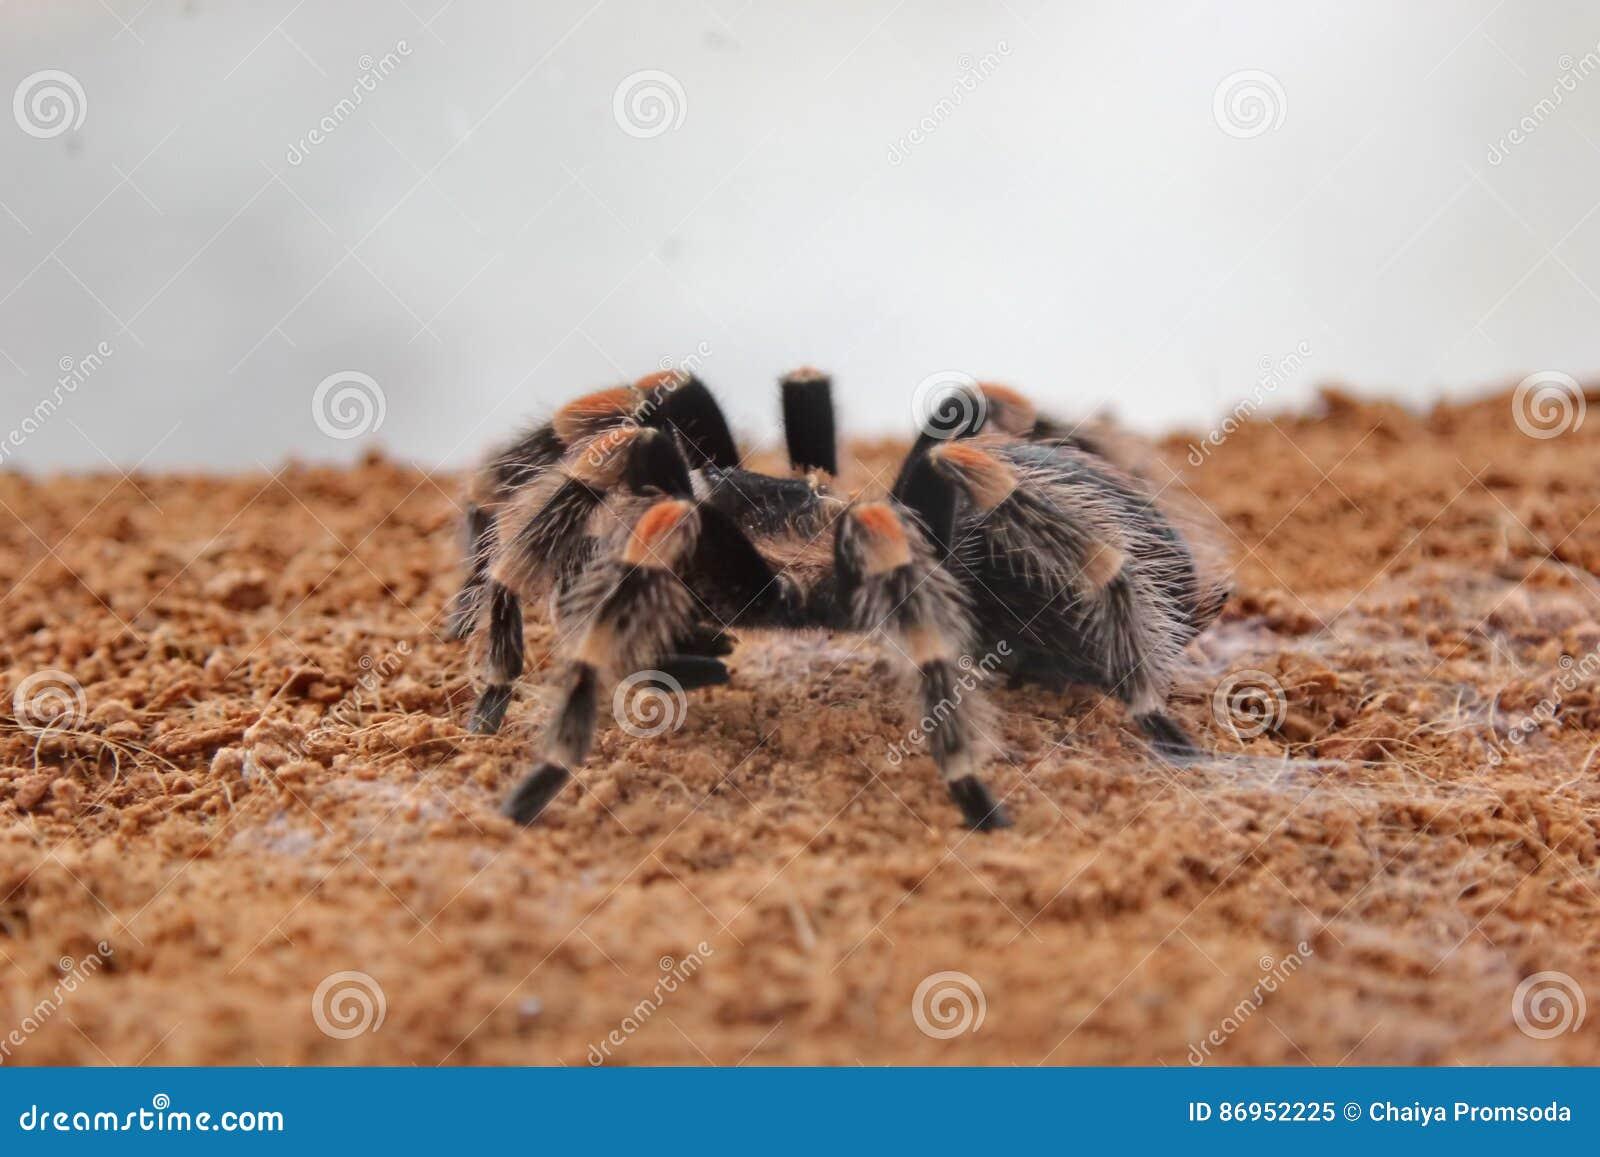 Pająk tarantula